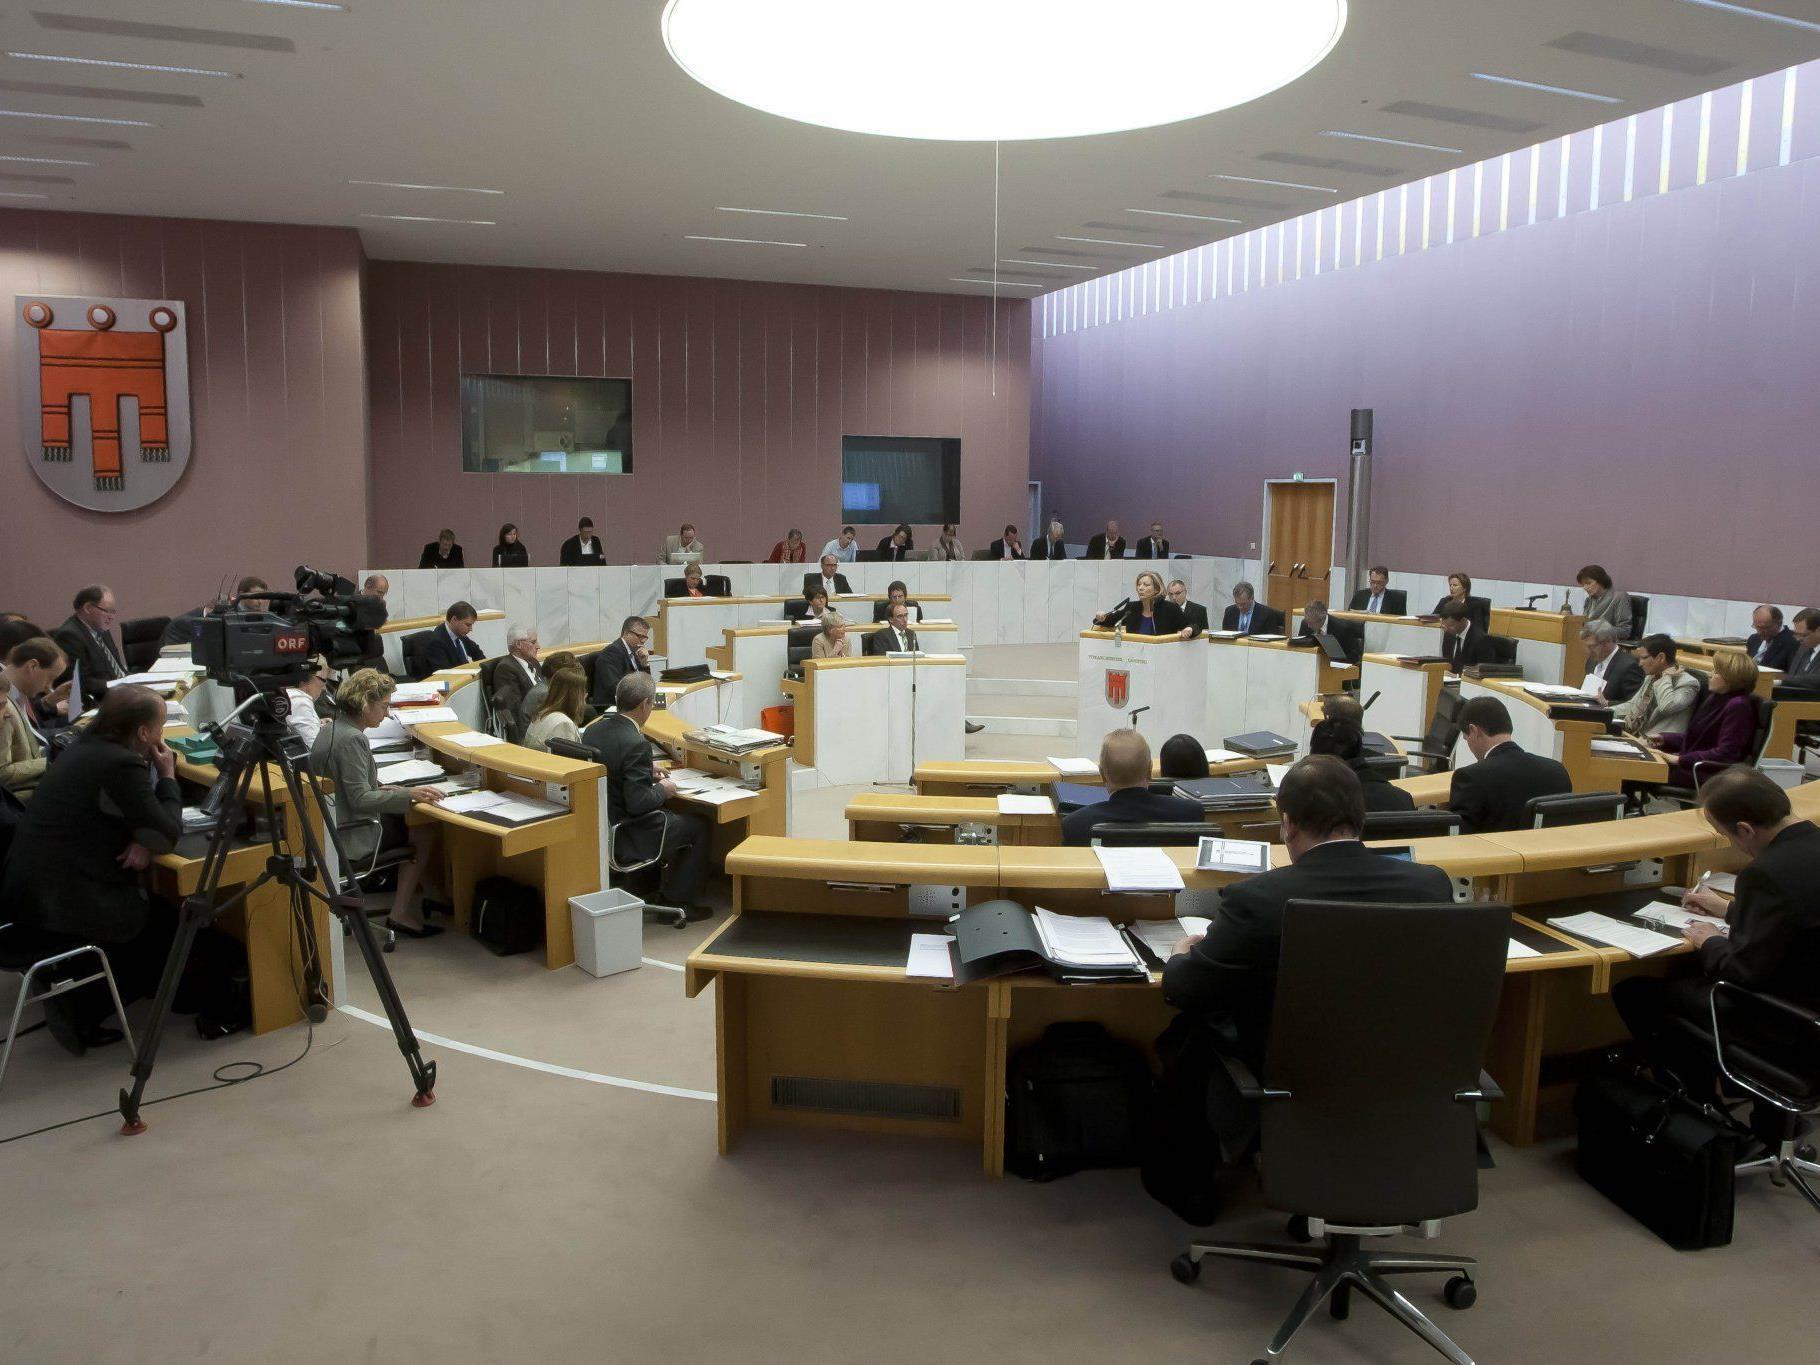 Für Landtagspräsidentin Mennel kann mögliche Verkleinerung nur Teil einer Reform sein.